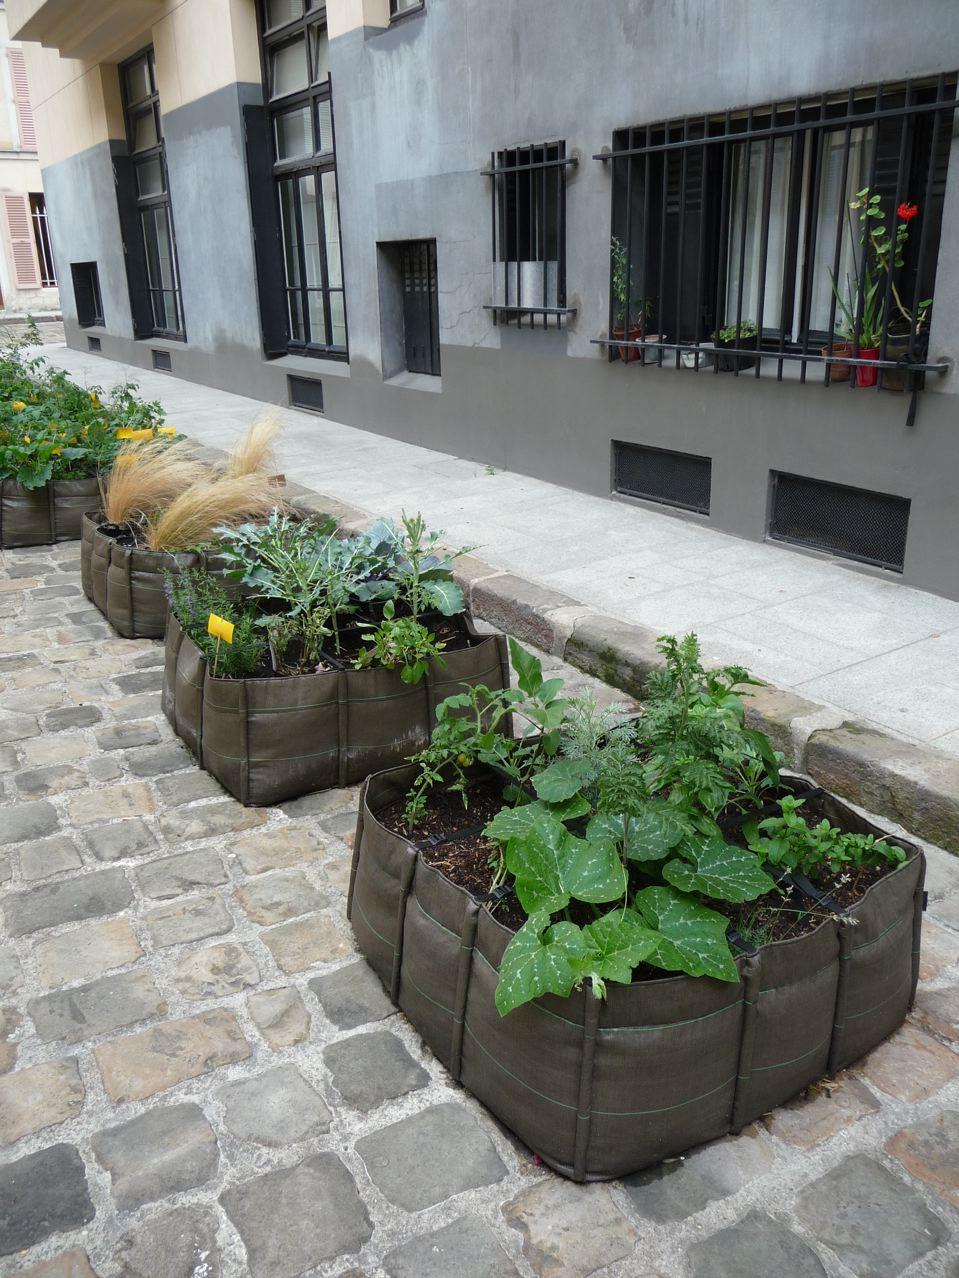 Cultures de légumes et petits potagers dans Paris